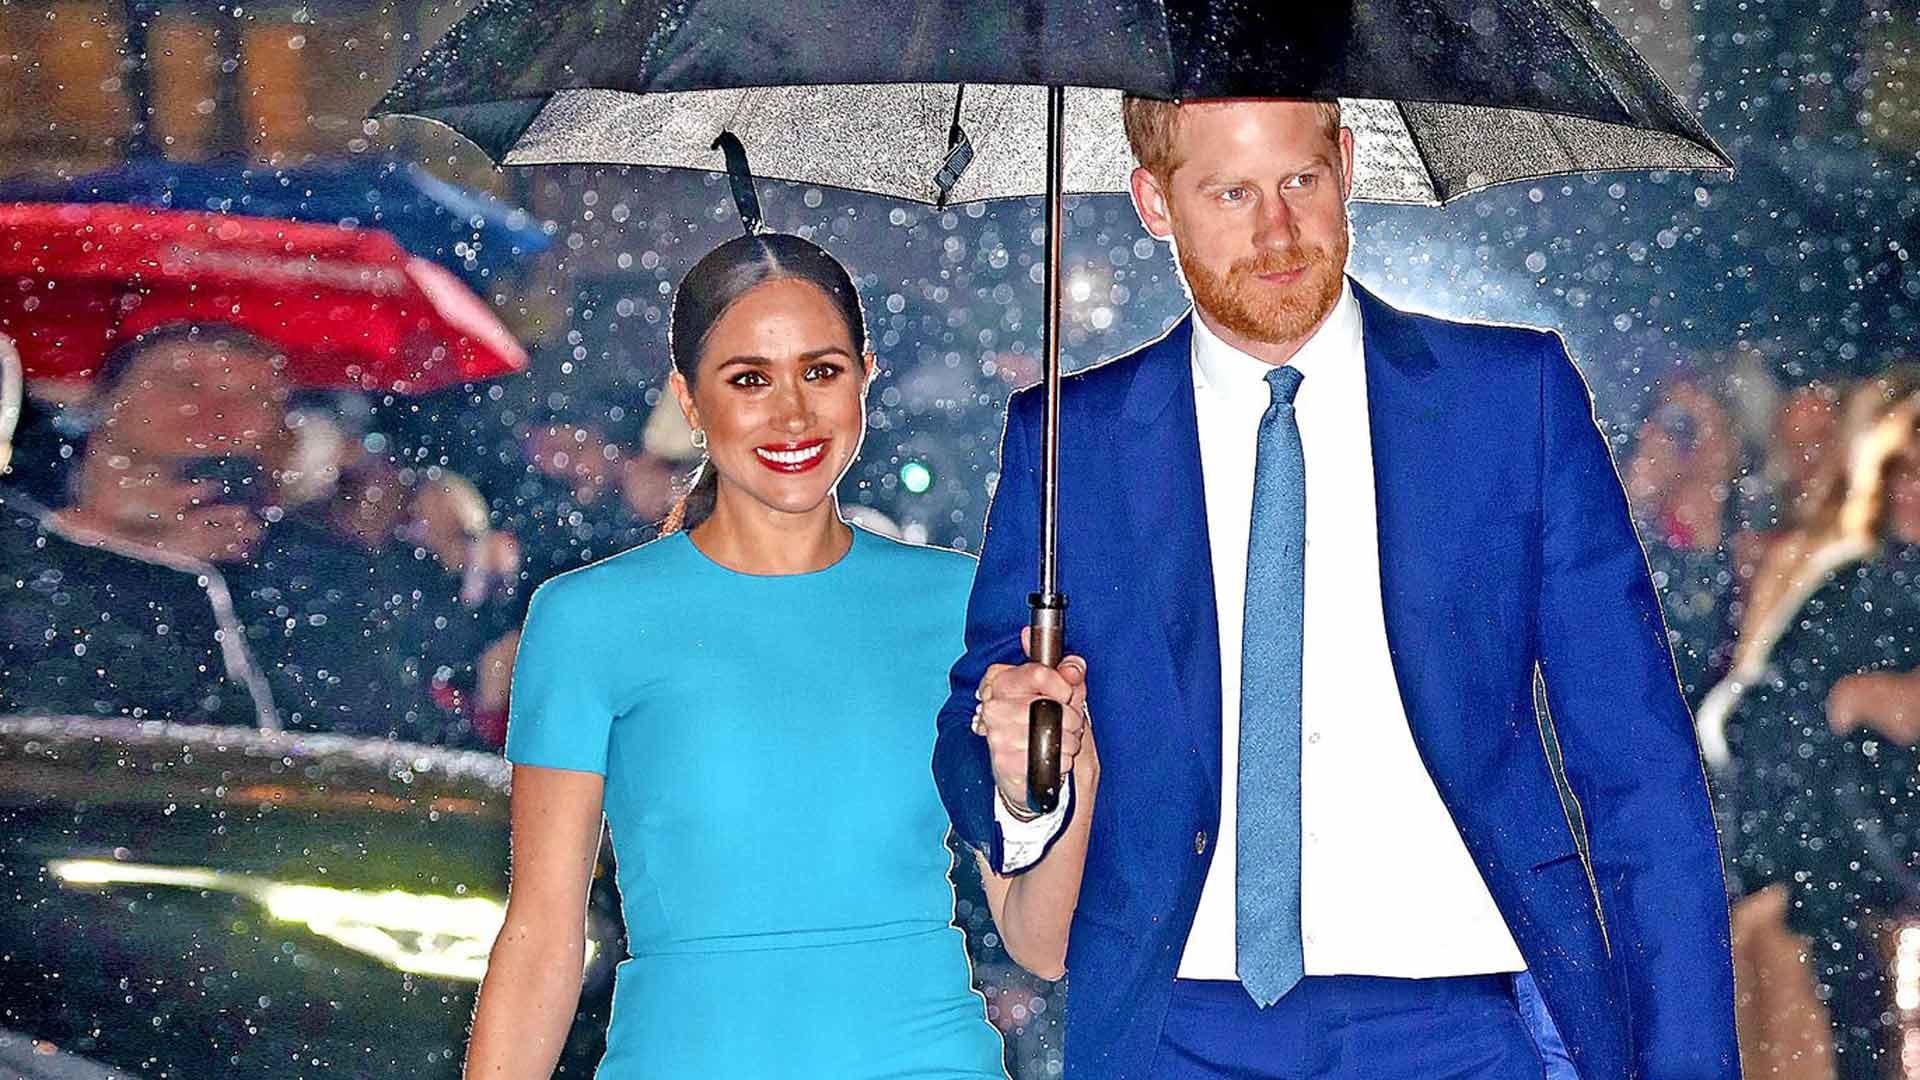 """Prinssi Harry ja Meghan kertovat tulevassa Oprahin ohjelmassa, että lähtö hovista on ollut """"uskomattoman vaikeaa, mutta ainakin heillä on toisensa""""."""